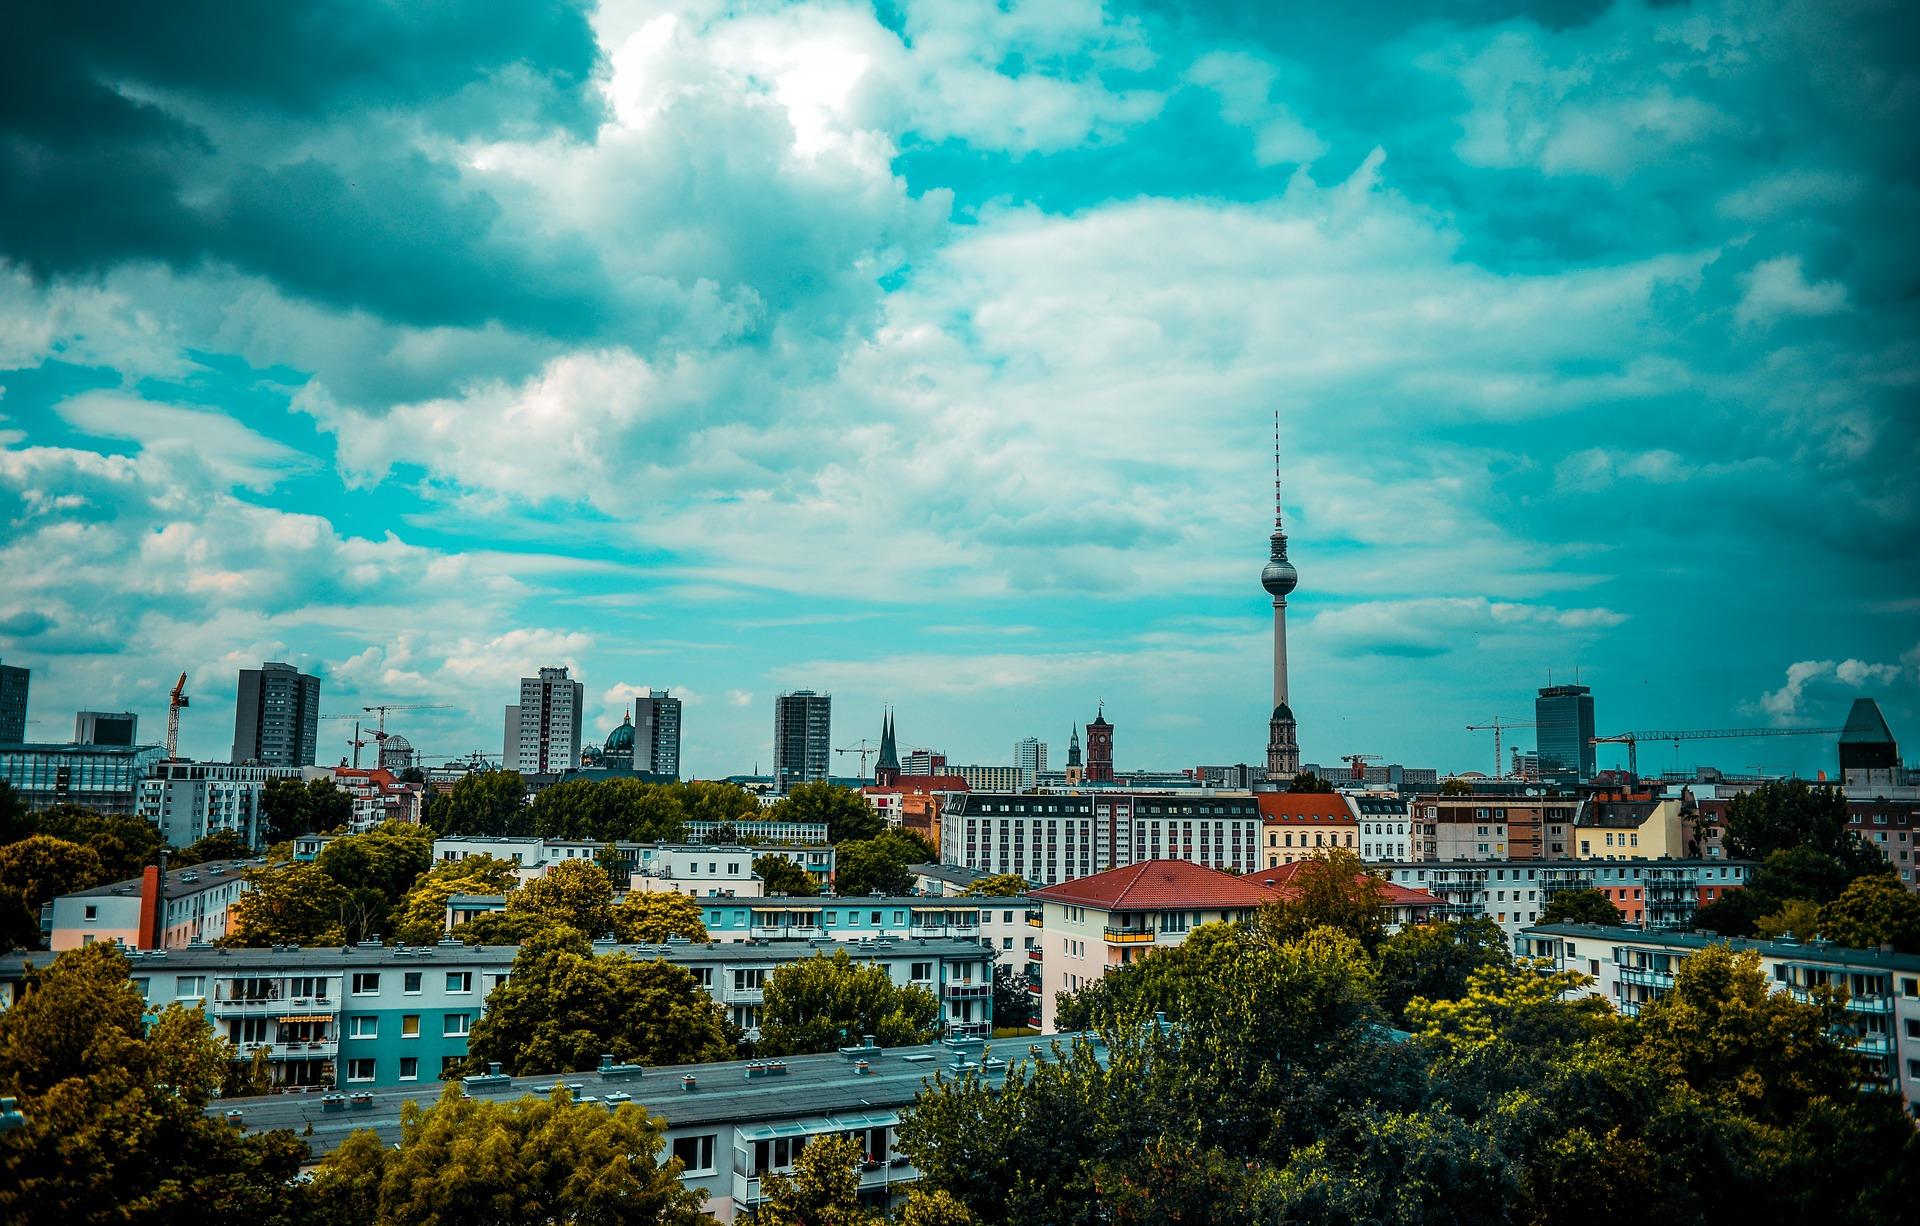 Immobilienpreis, Wohnung verkaufen und Hausbau in Berlin Niederschönhausen